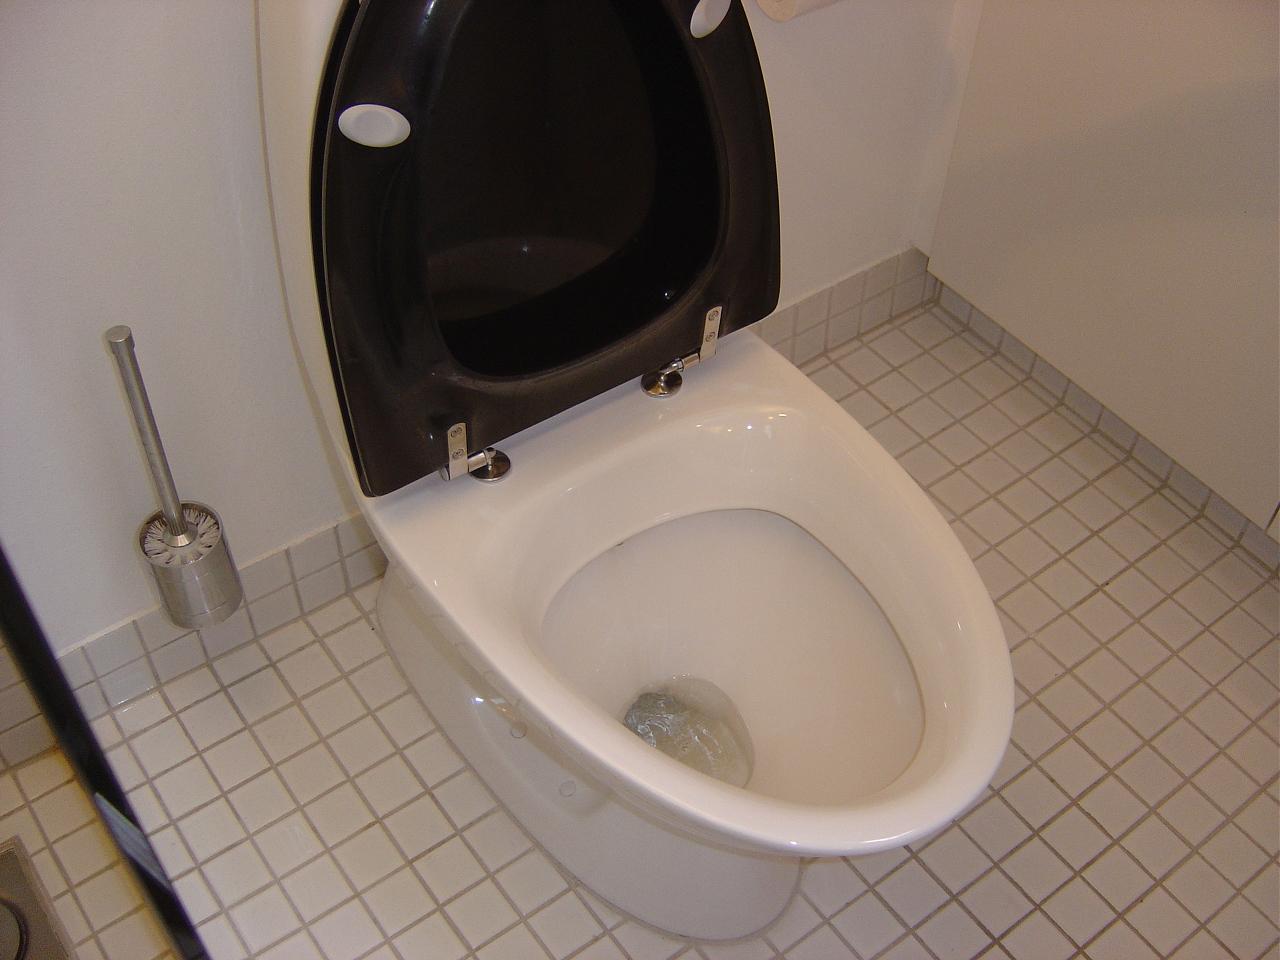 l ber toilettet wc der l ber kan repareres. Black Bedroom Furniture Sets. Home Design Ideas